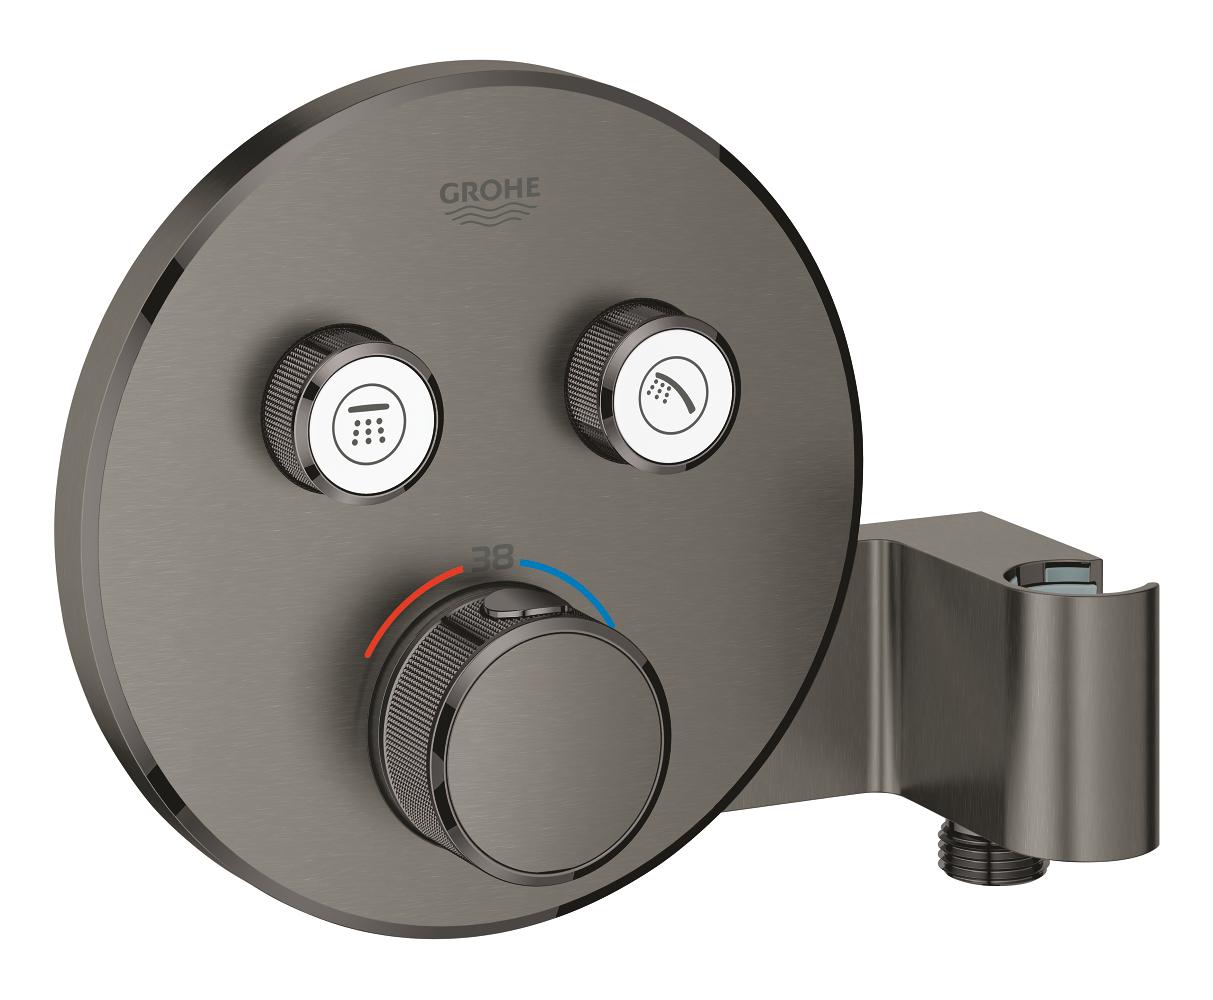 Full Size of Grohe Thermostat Dusche Grohtherm Smartcontrol M 2 Absperrvent U Integ Bluetooth Lautsprecher 90x90 Ebenerdige Kosten Glaswand Badewanne Mit Tür Und Schulte Dusche Grohe Thermostat Dusche